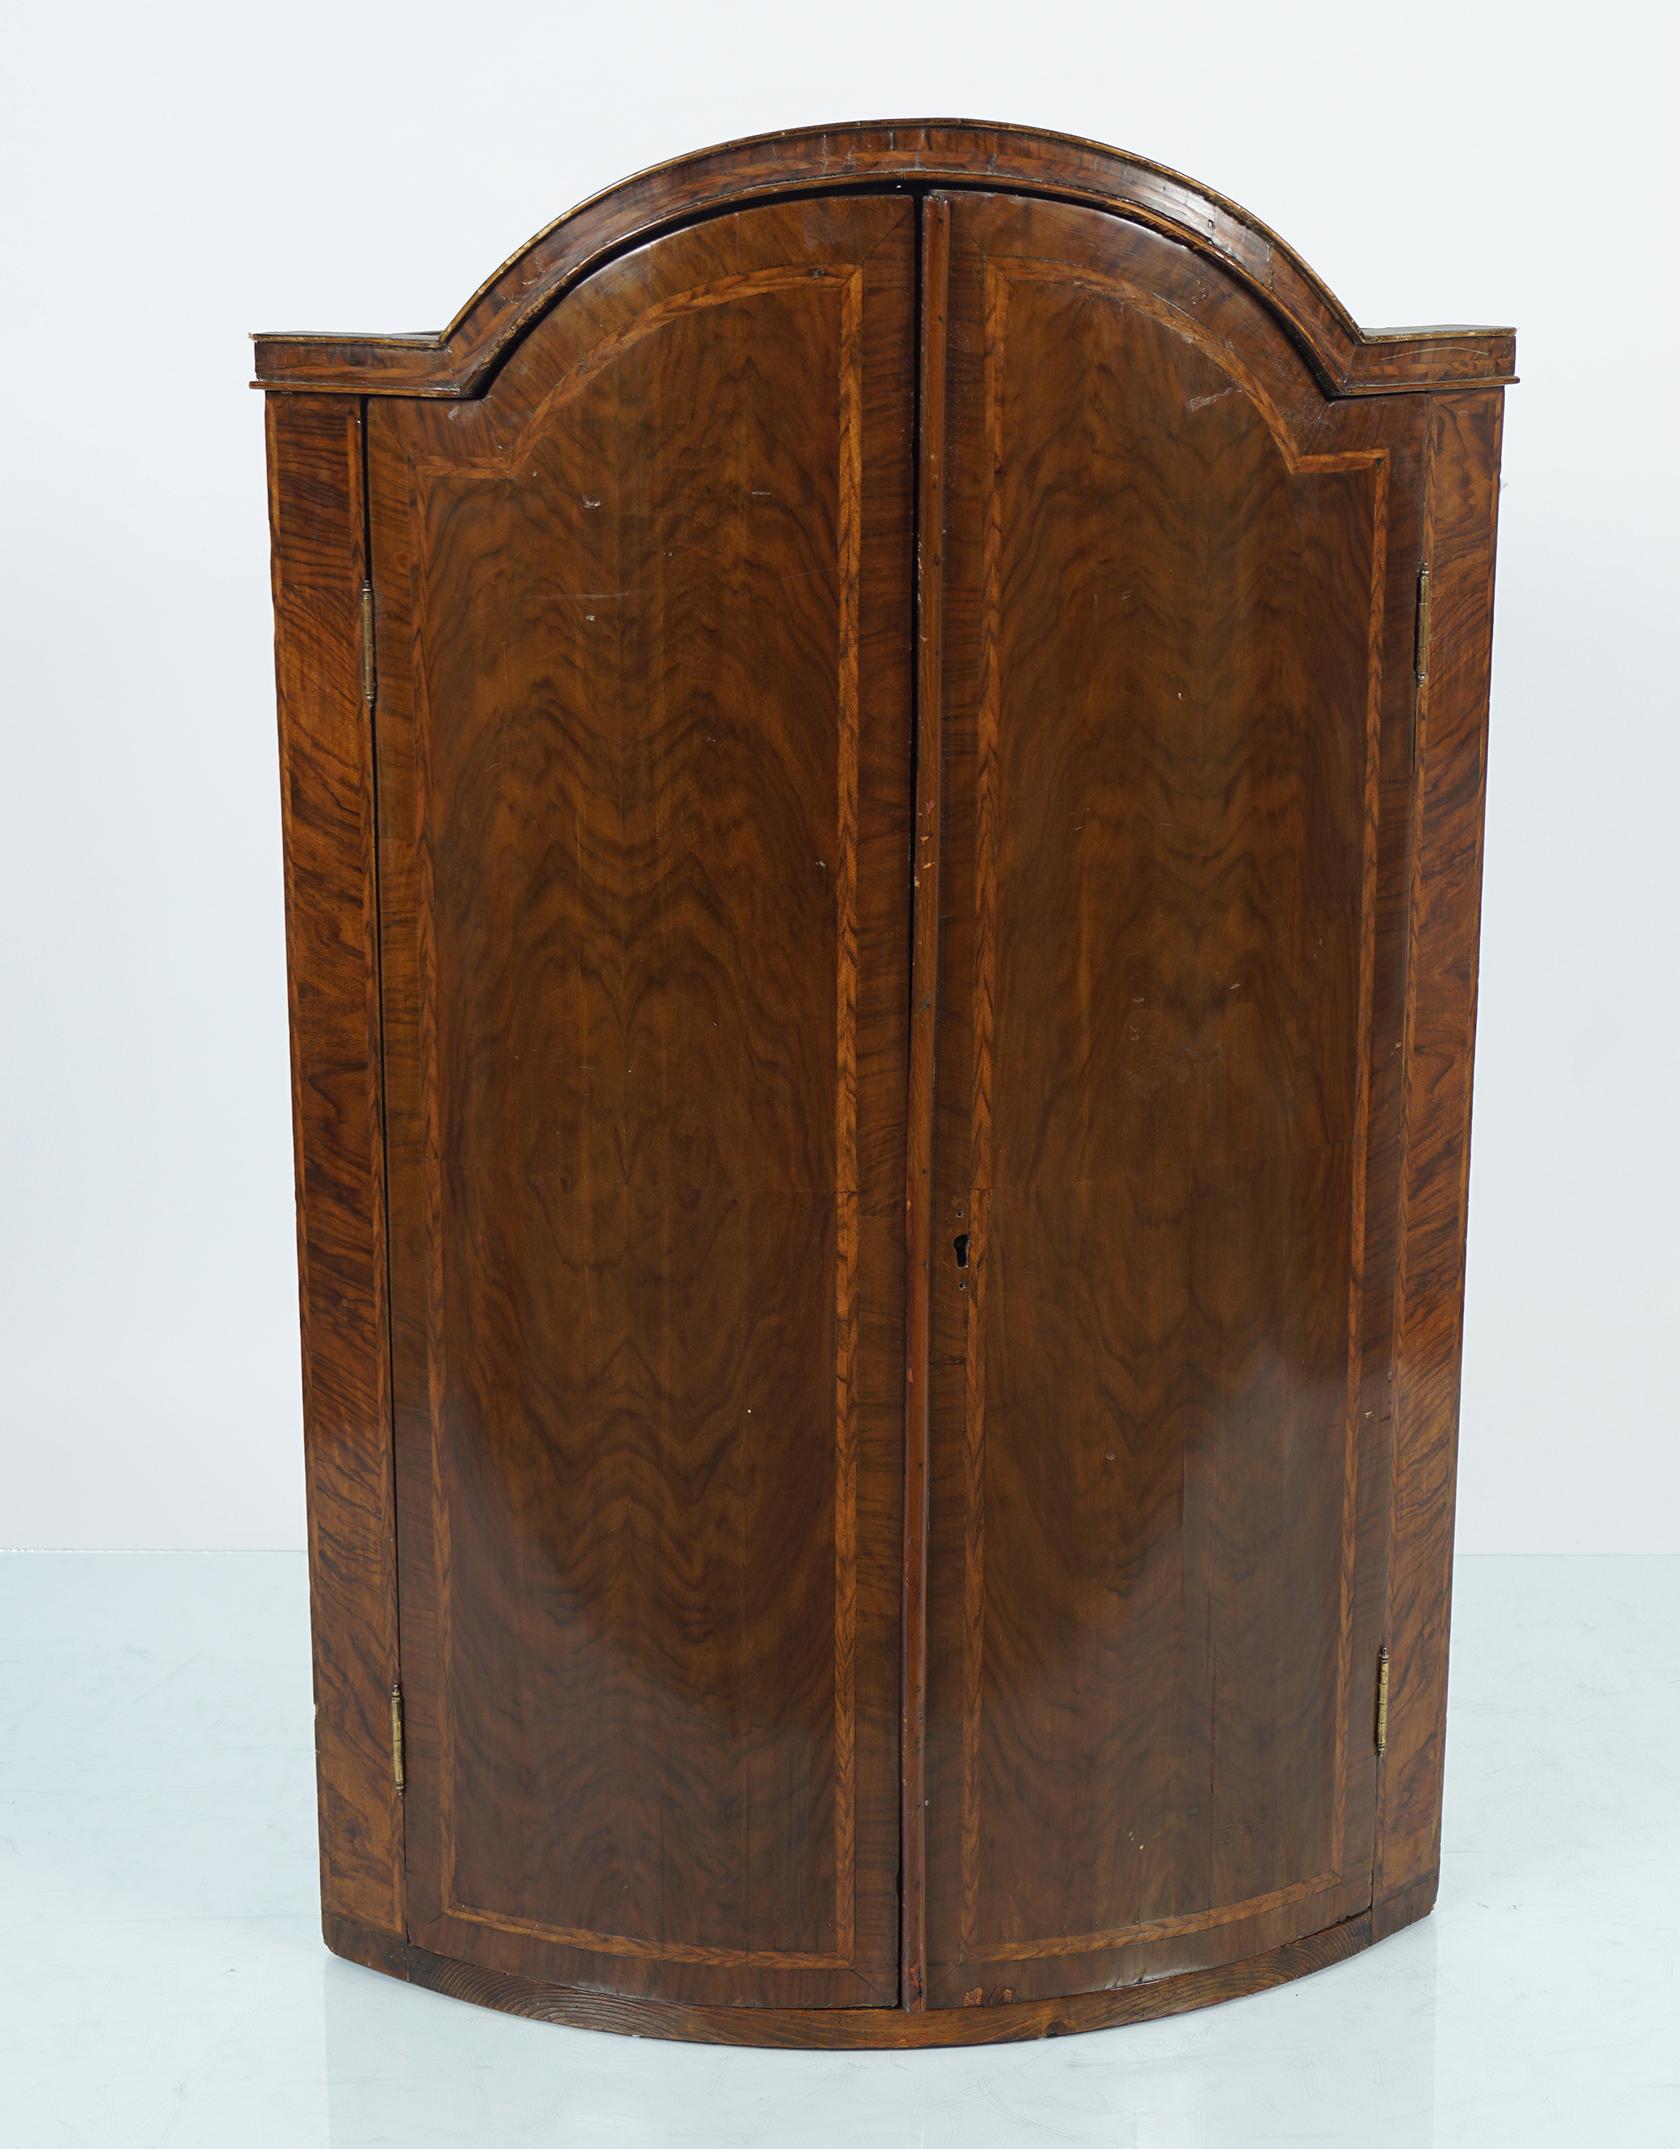 18TH-CENTURY WALNUT AND HERRING BONE INLAID HANGING CORNER CABINET